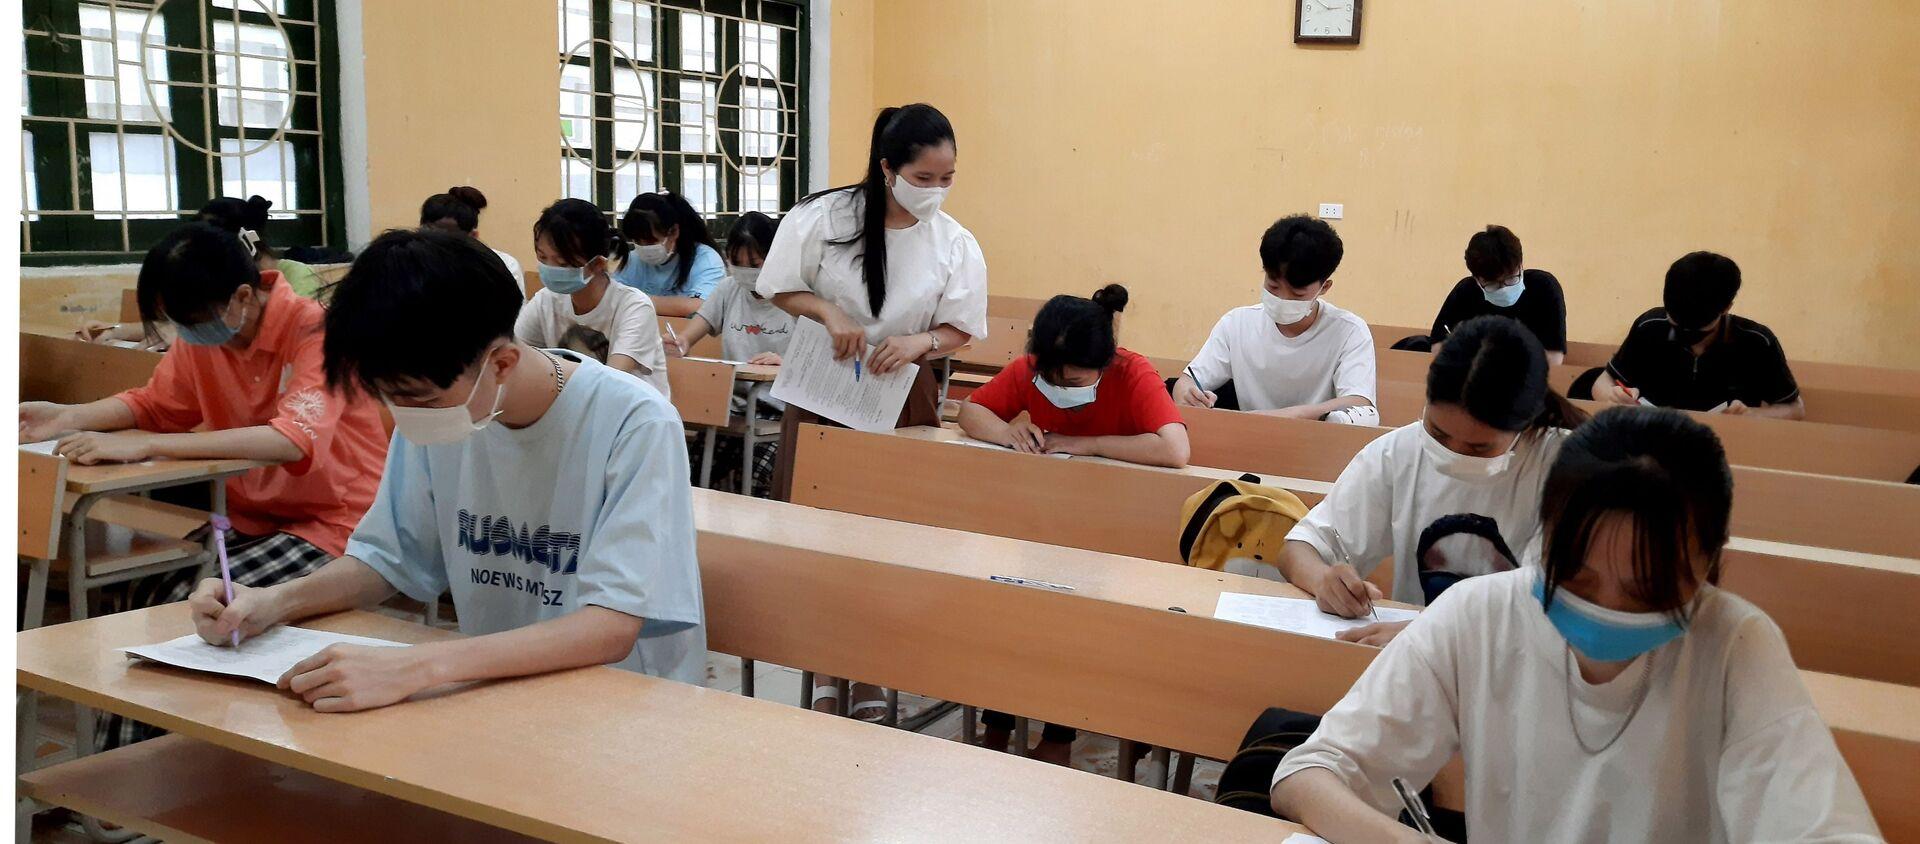 Học sinh trường THPT Võ Nhai, Thái Nguyên ôn tập trong điều kiện lớp học không bố trí quá 20 người. - Sputnik Việt Nam, 1920, 24.07.2021